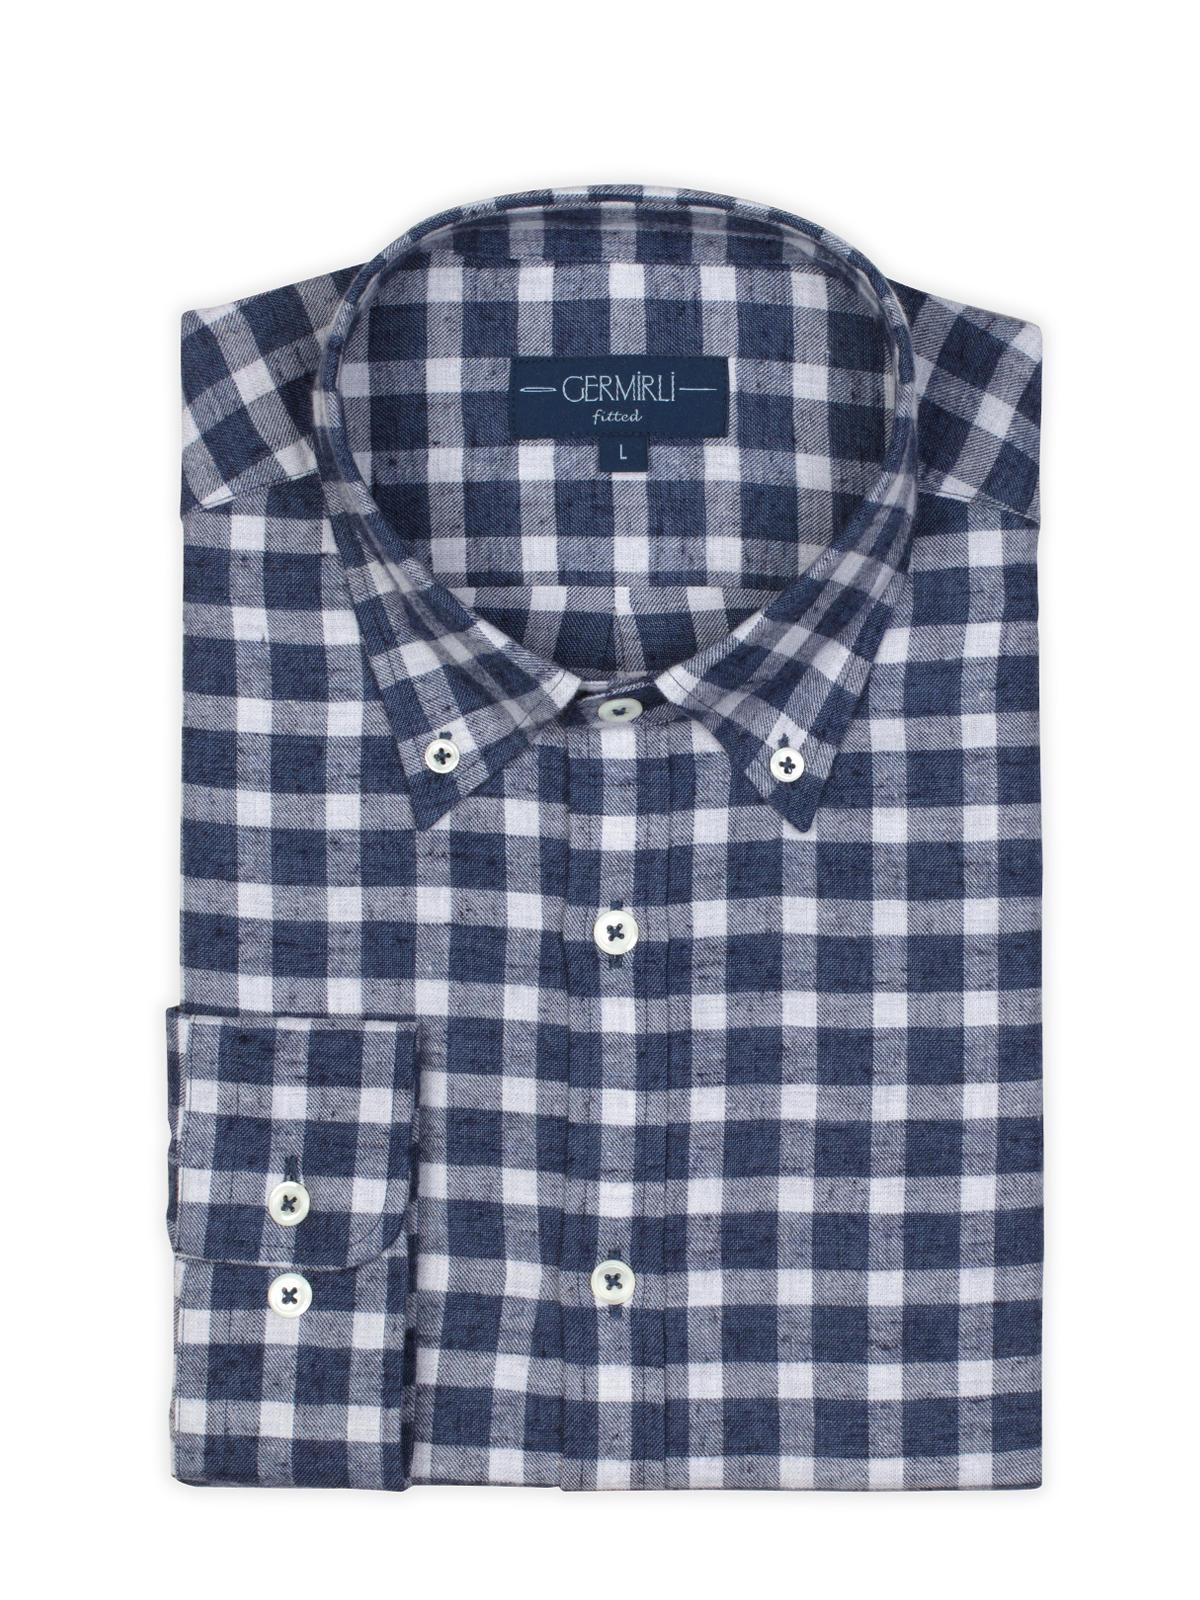 Germirli Lacivert Kareli Düğmeli Yaka Flanel Tailor Fit Gömlek